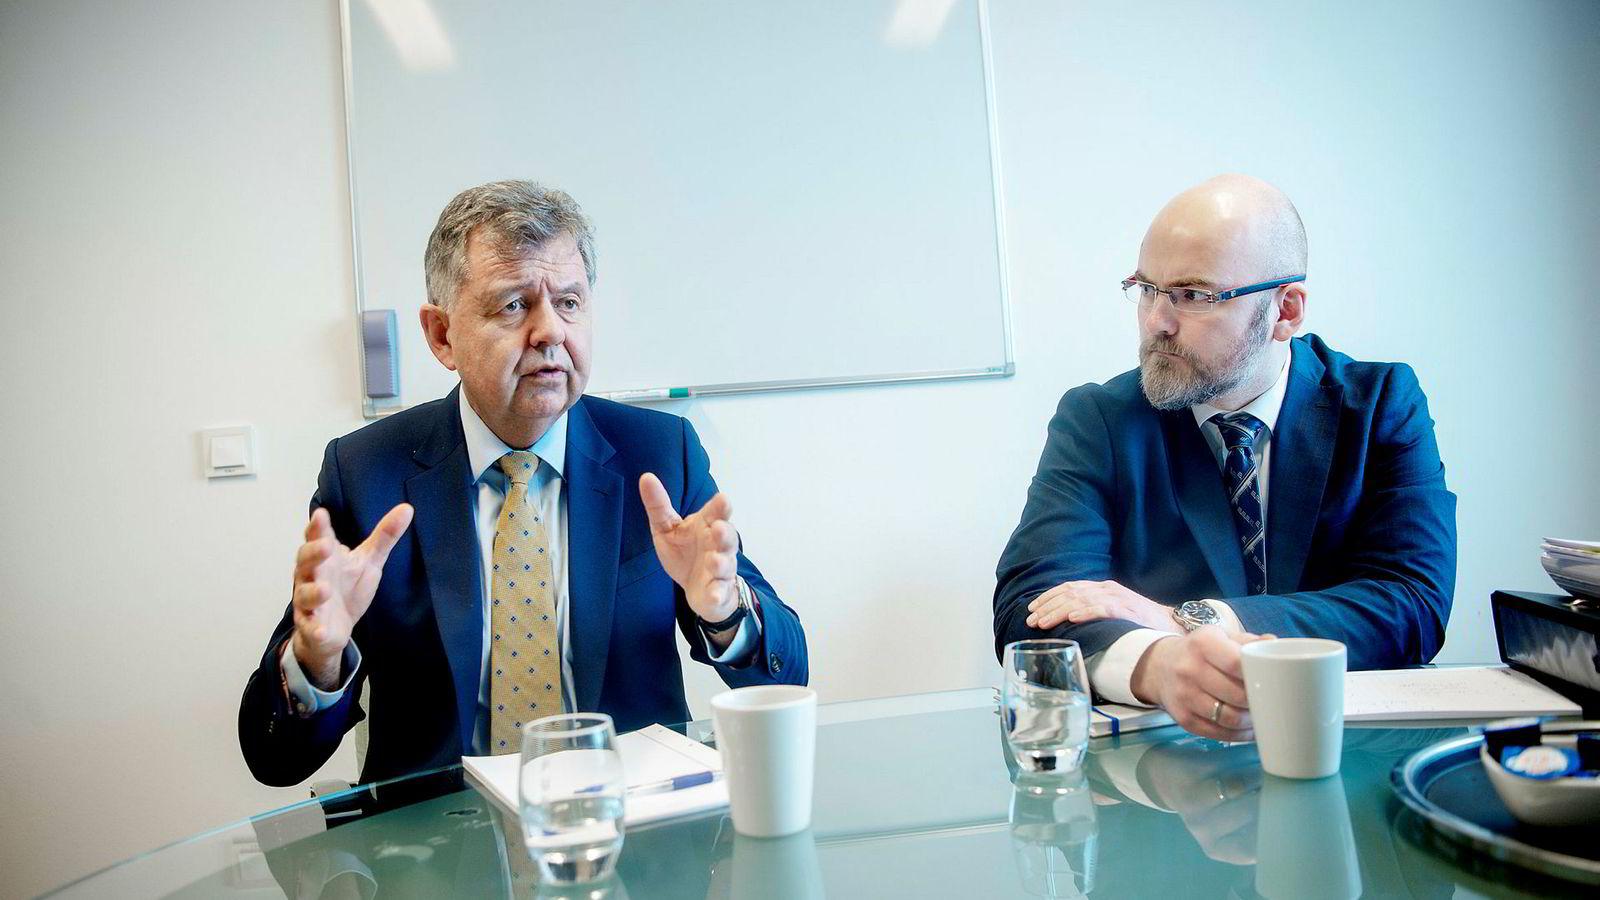 Bostyrer advokat Erling Opdal og advokat Henrik Schumann Sager i Ræder.